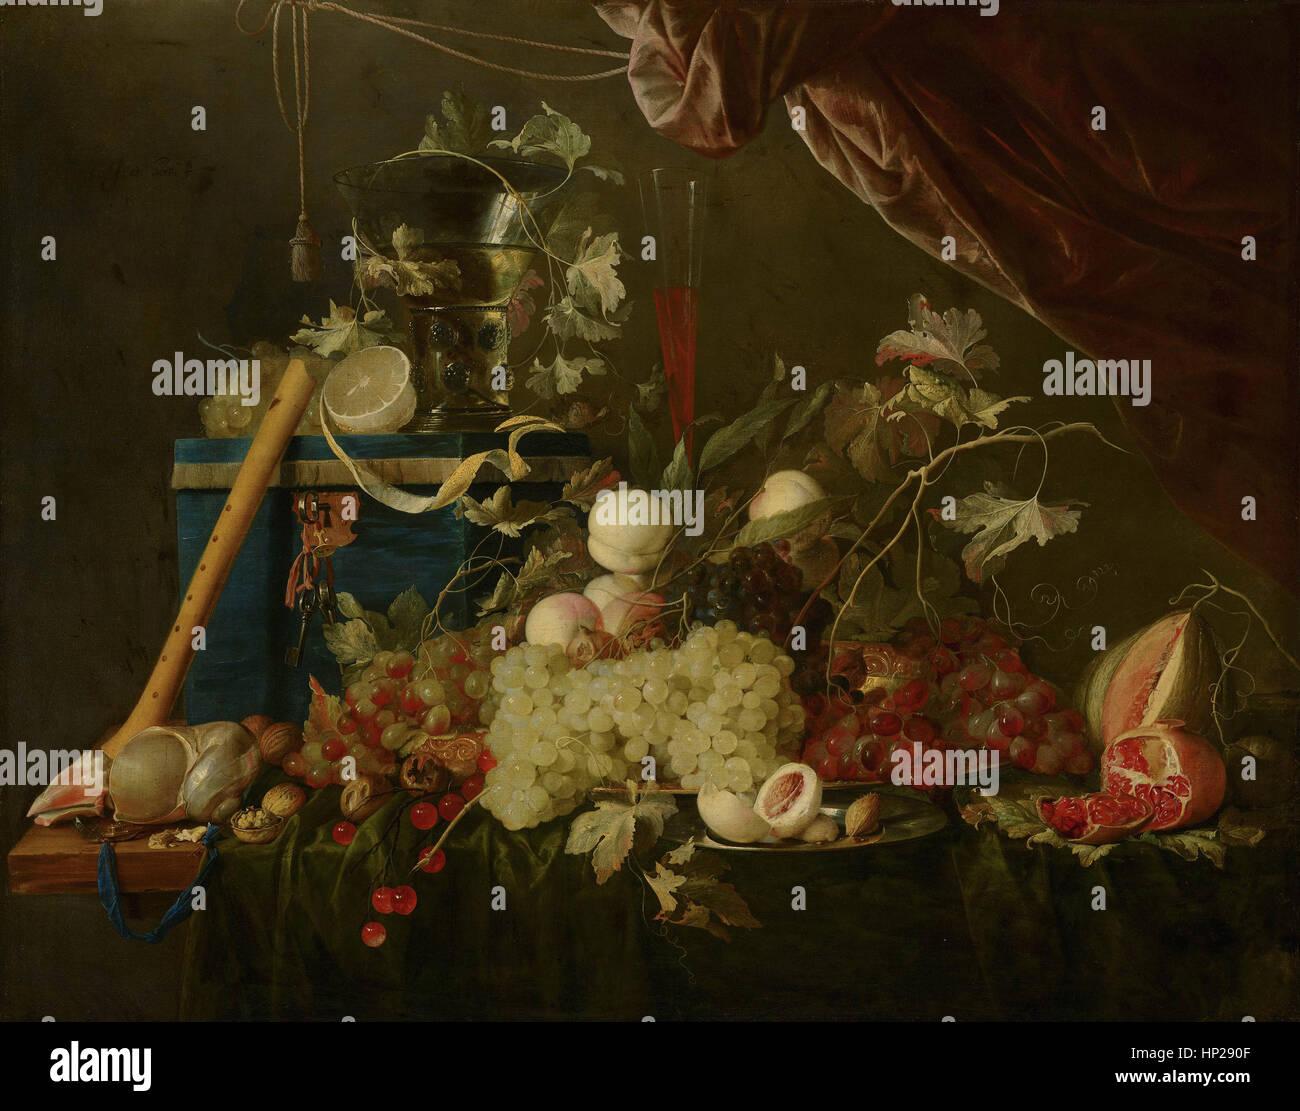 Jan Davidsz de Heem sontuoso frutto ancora in vita con scatola di gioielli - museo Mauritshuis L Aia Foto Stock